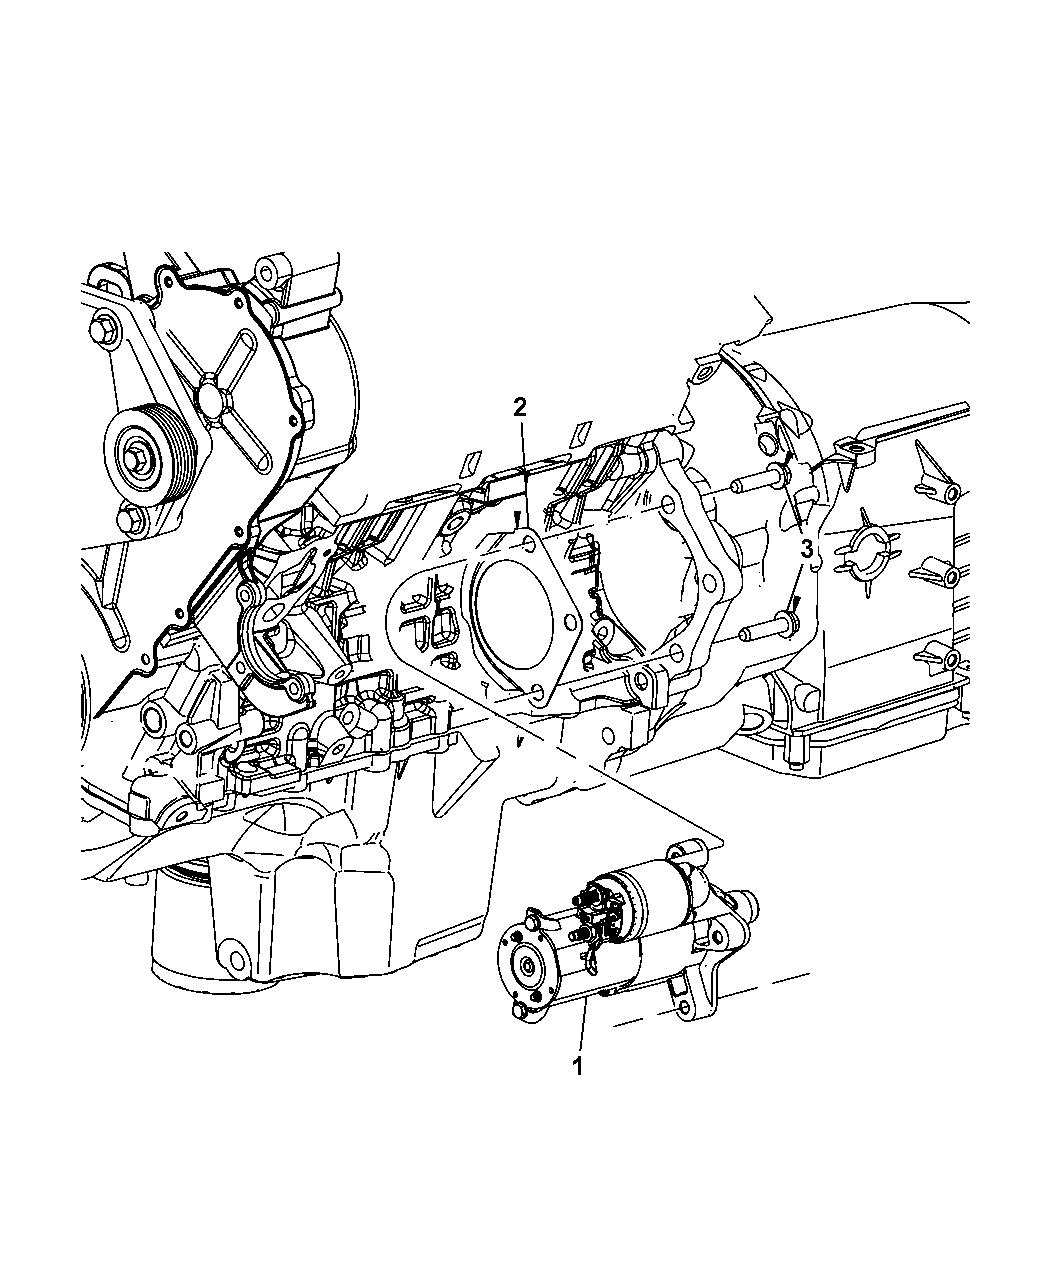 r4801269ad